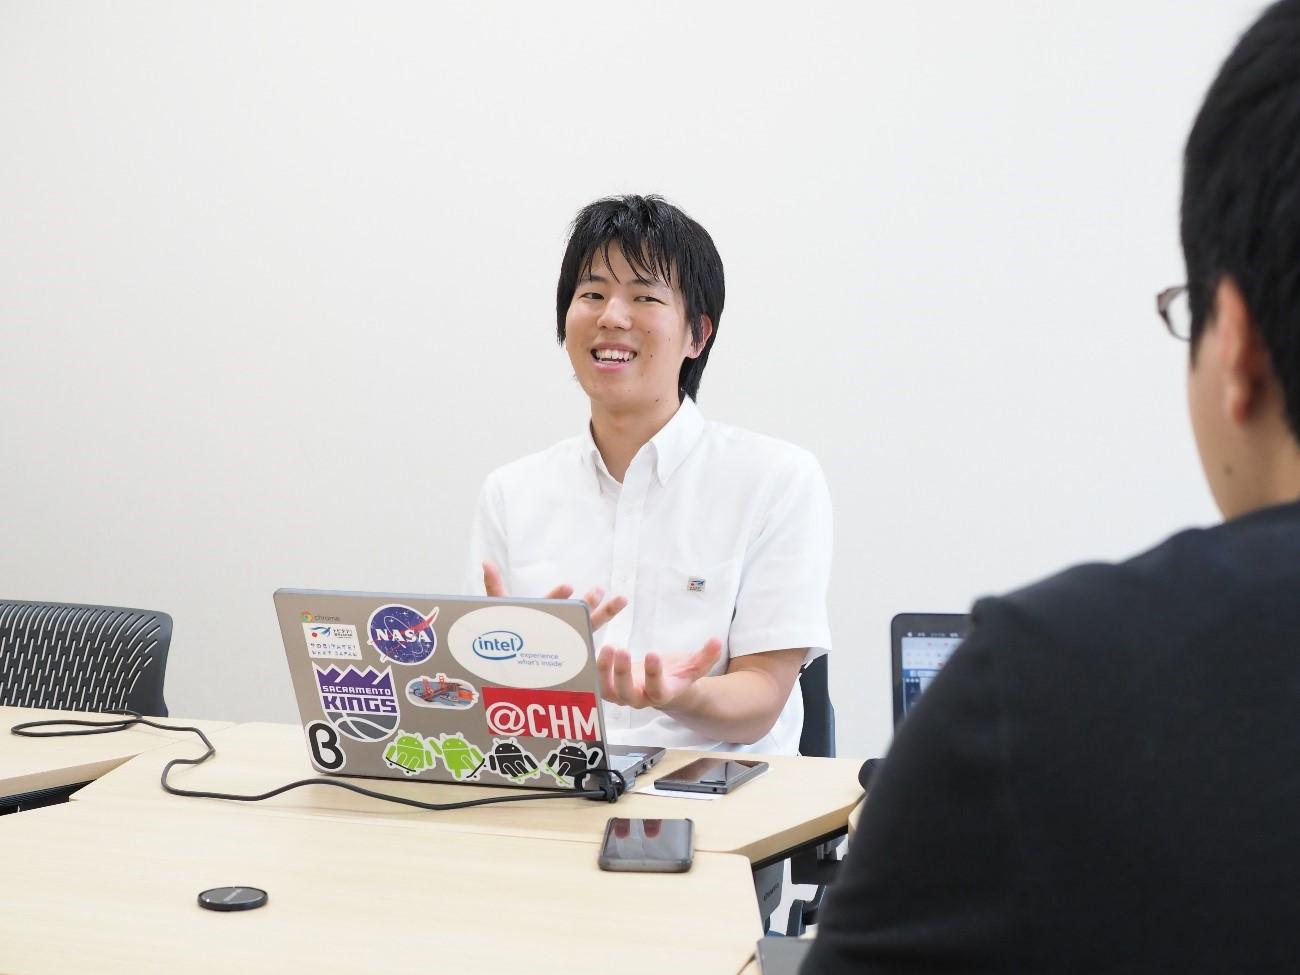 静岡を起業家精神の溢れる地域にする | トビタテ!留学JAPAN 吉井謙太さん